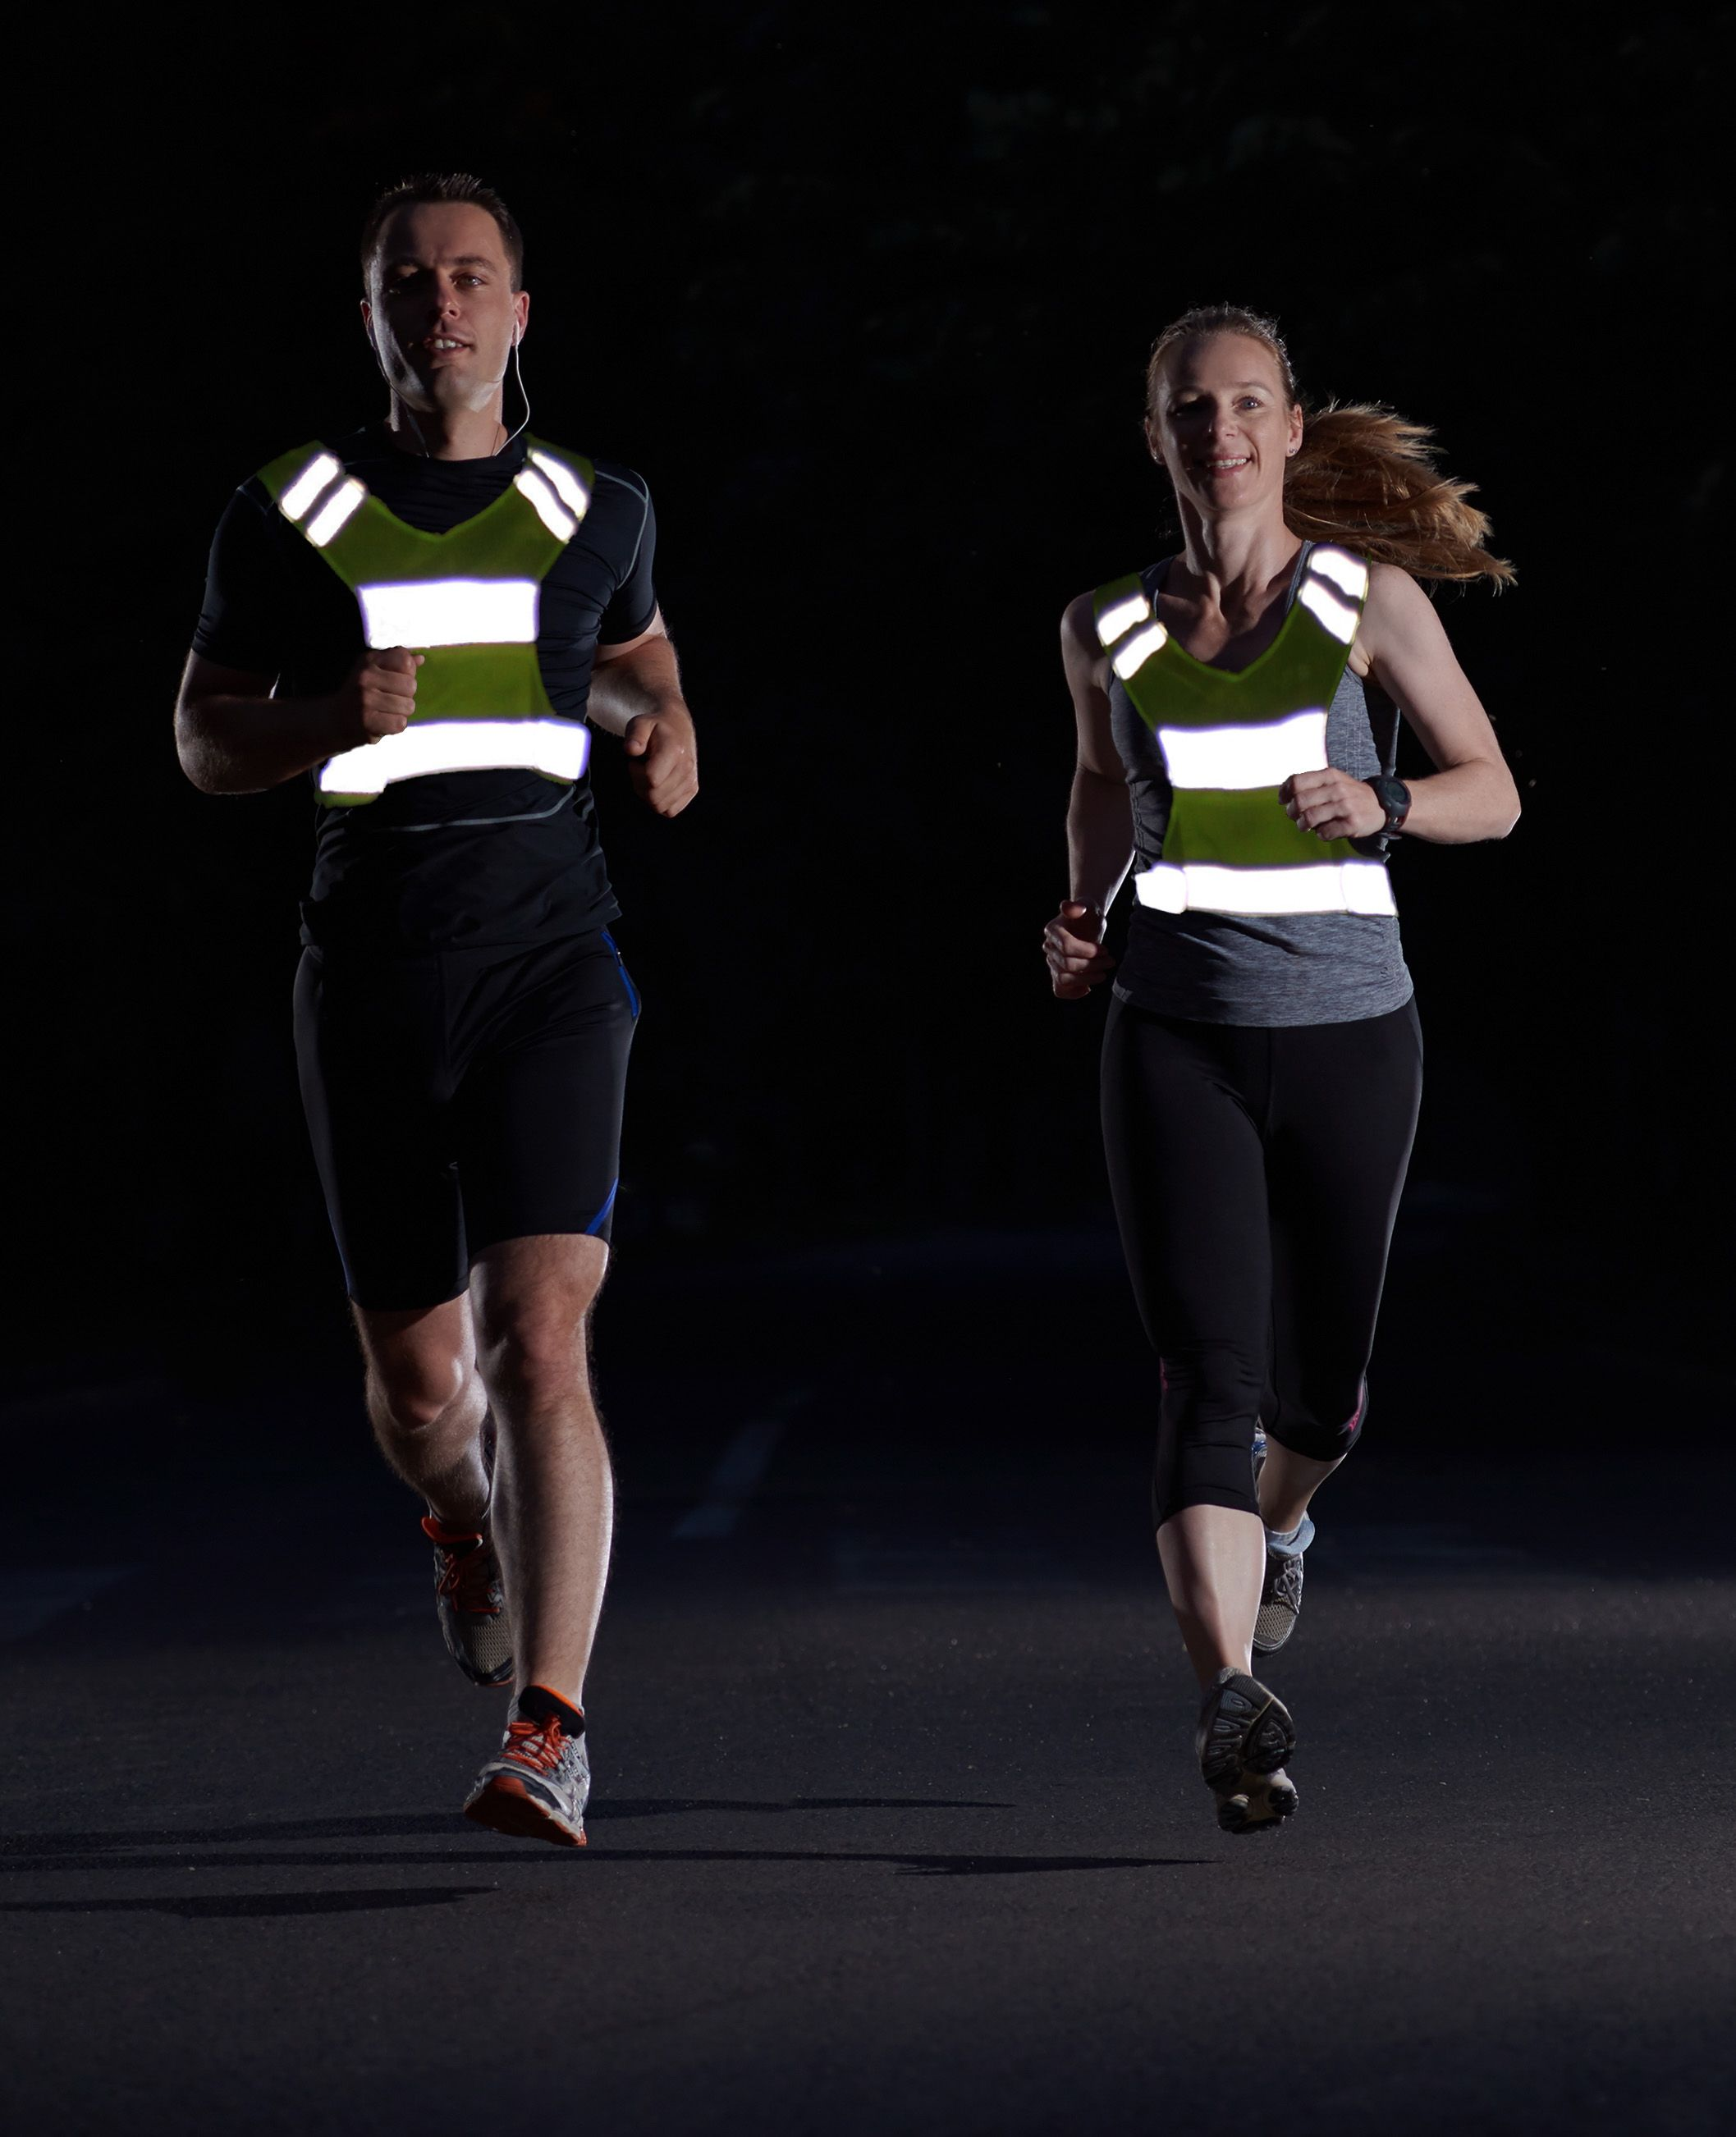 Firefly sports reflective safety sports vest men and